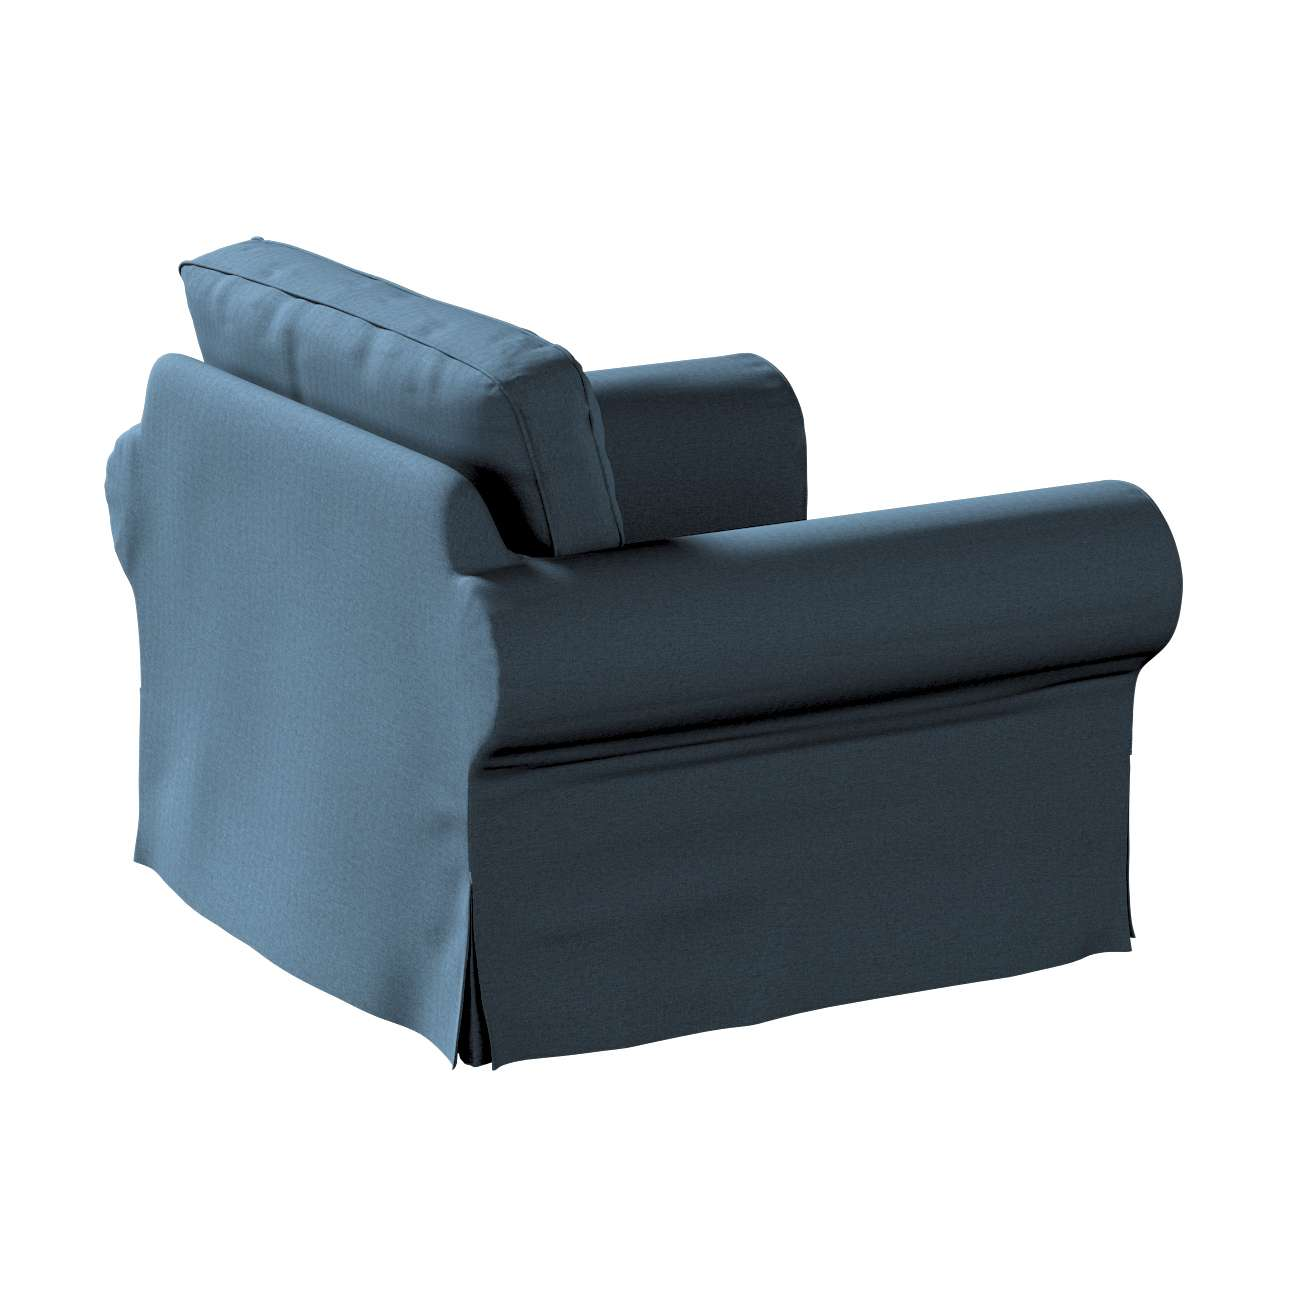 Pokrowiec na fotel Ektorp w kolekcji Etna, tkanina: 705-30